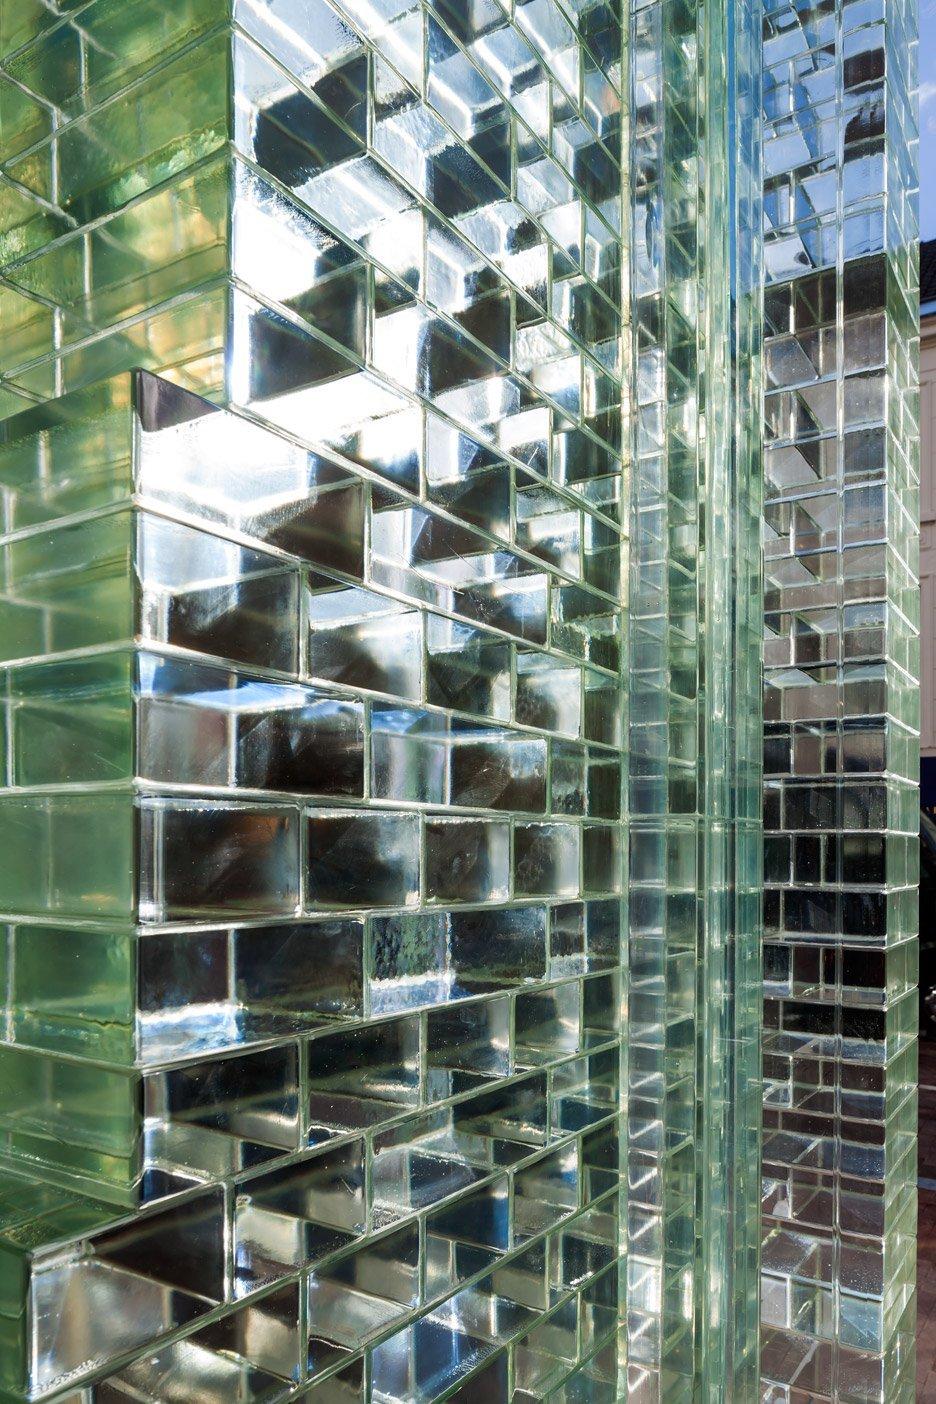 八巻多鶴子のおしゃれ通信(4):ガラスはコンクリートよりも強し!?CHANEL新店舗の大胆な改装_a0138976_14300394.jpg